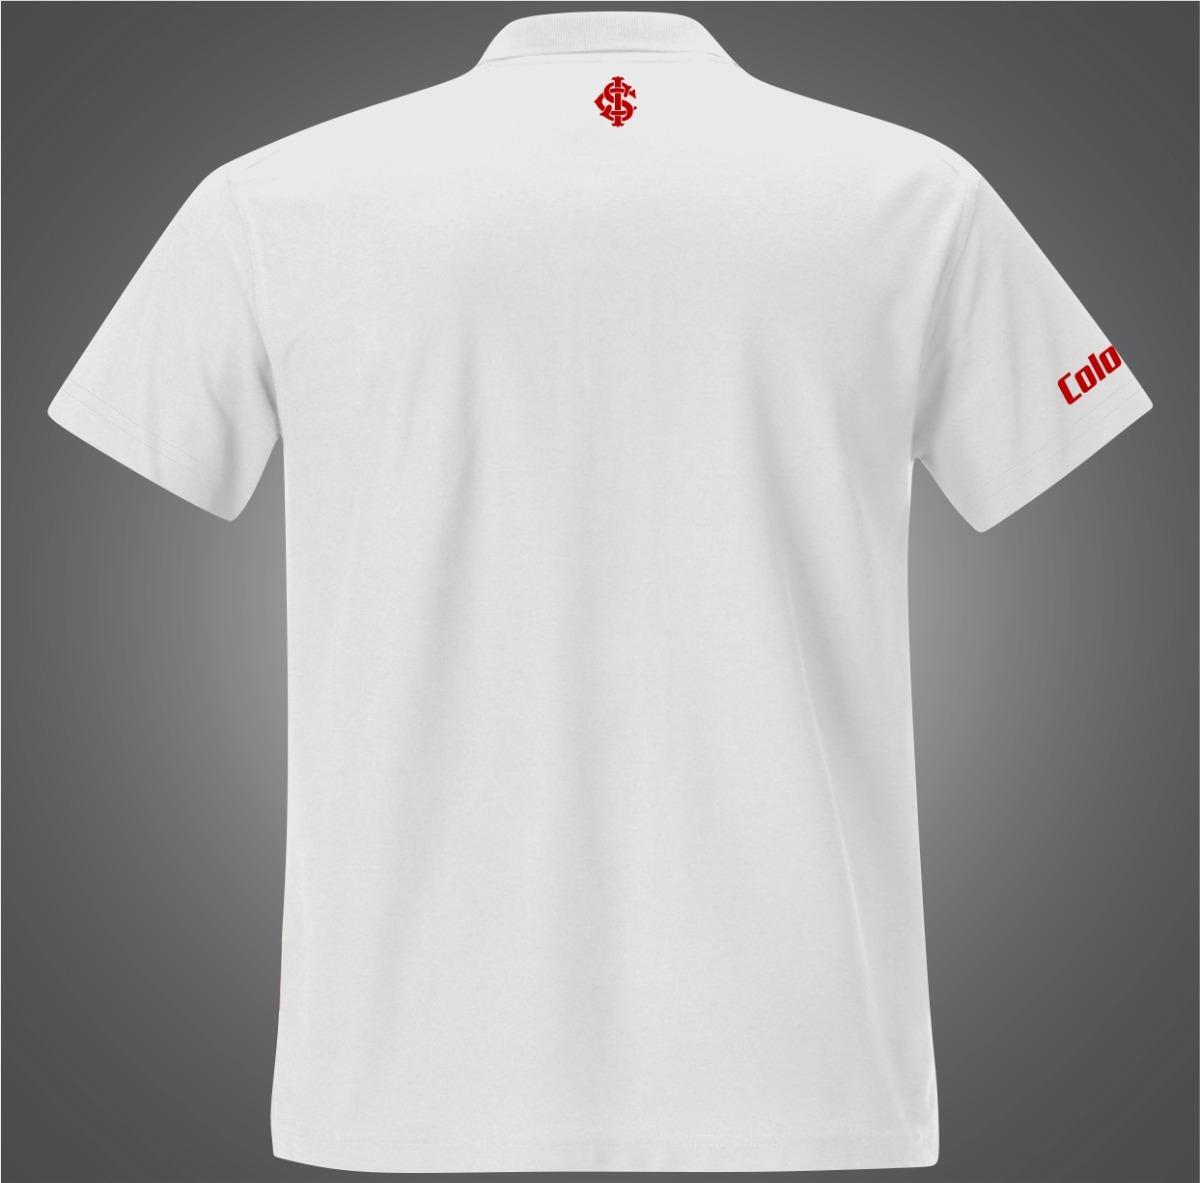 Camisa Camiseta Inter Gola Polo Torcedor Do Internacional - R  54 62ad342a583fe